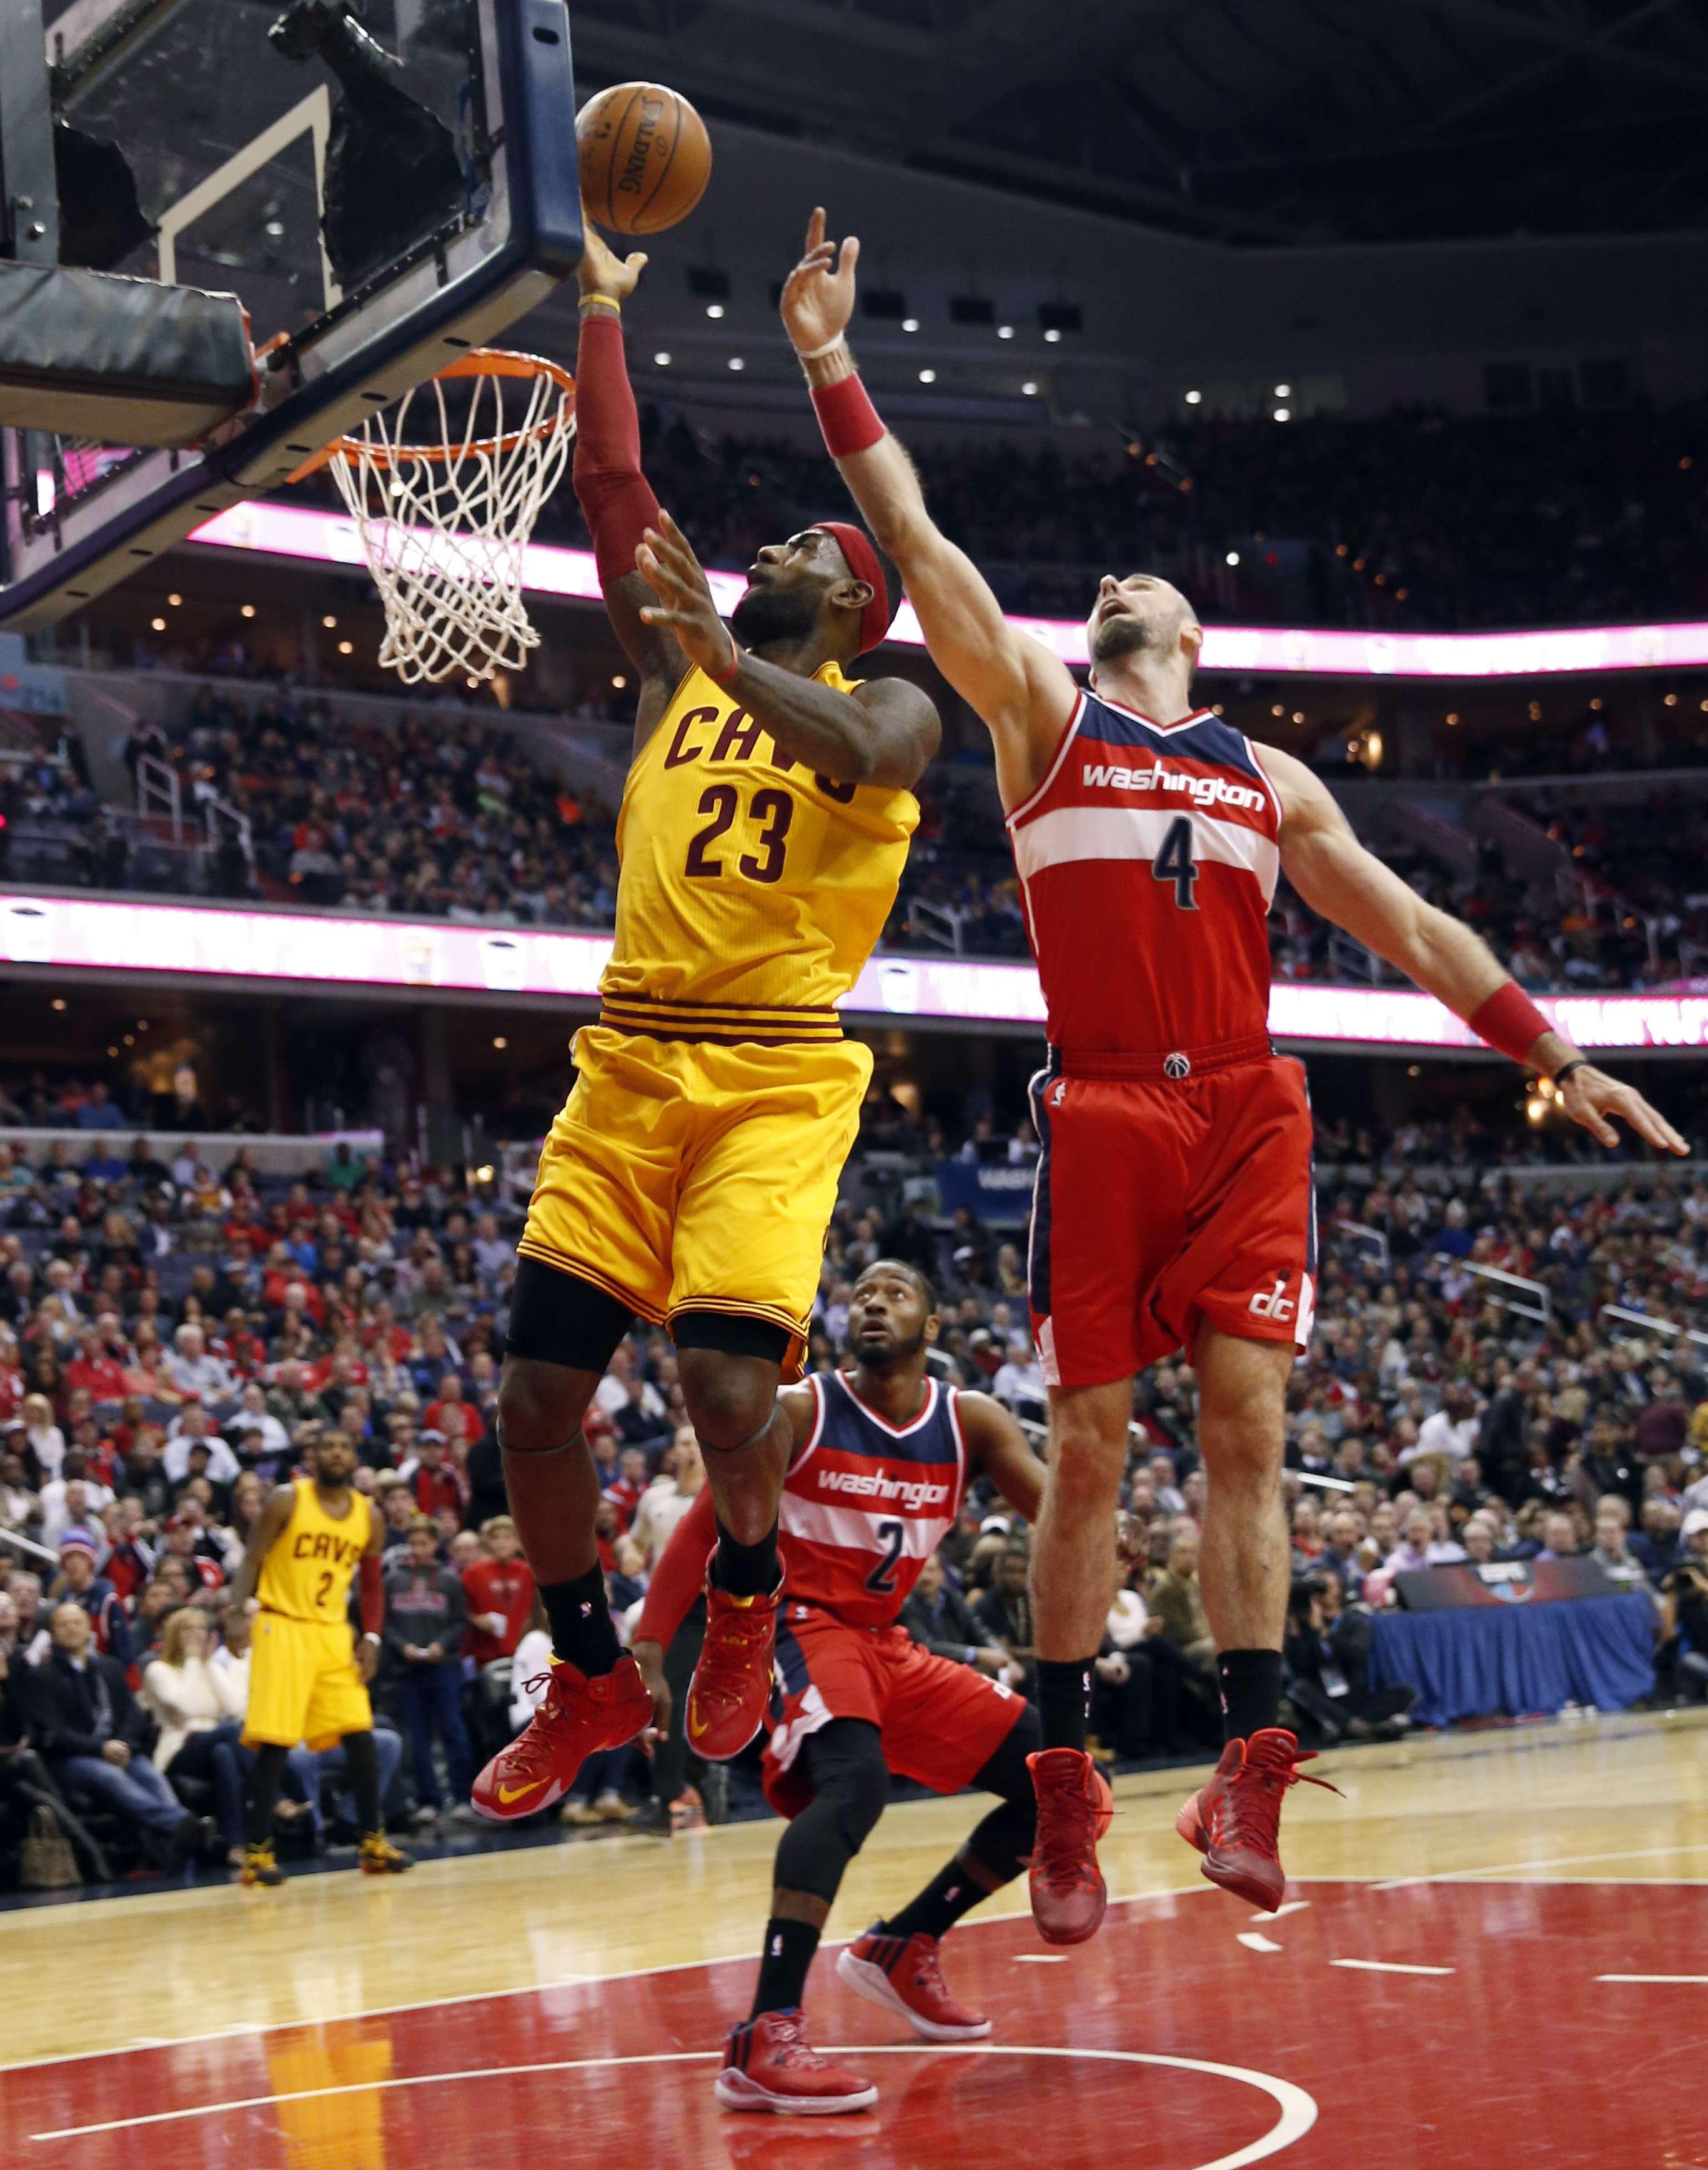 LeBron no ha pesado con los Cavaliers de Cleveland. Foto: AP